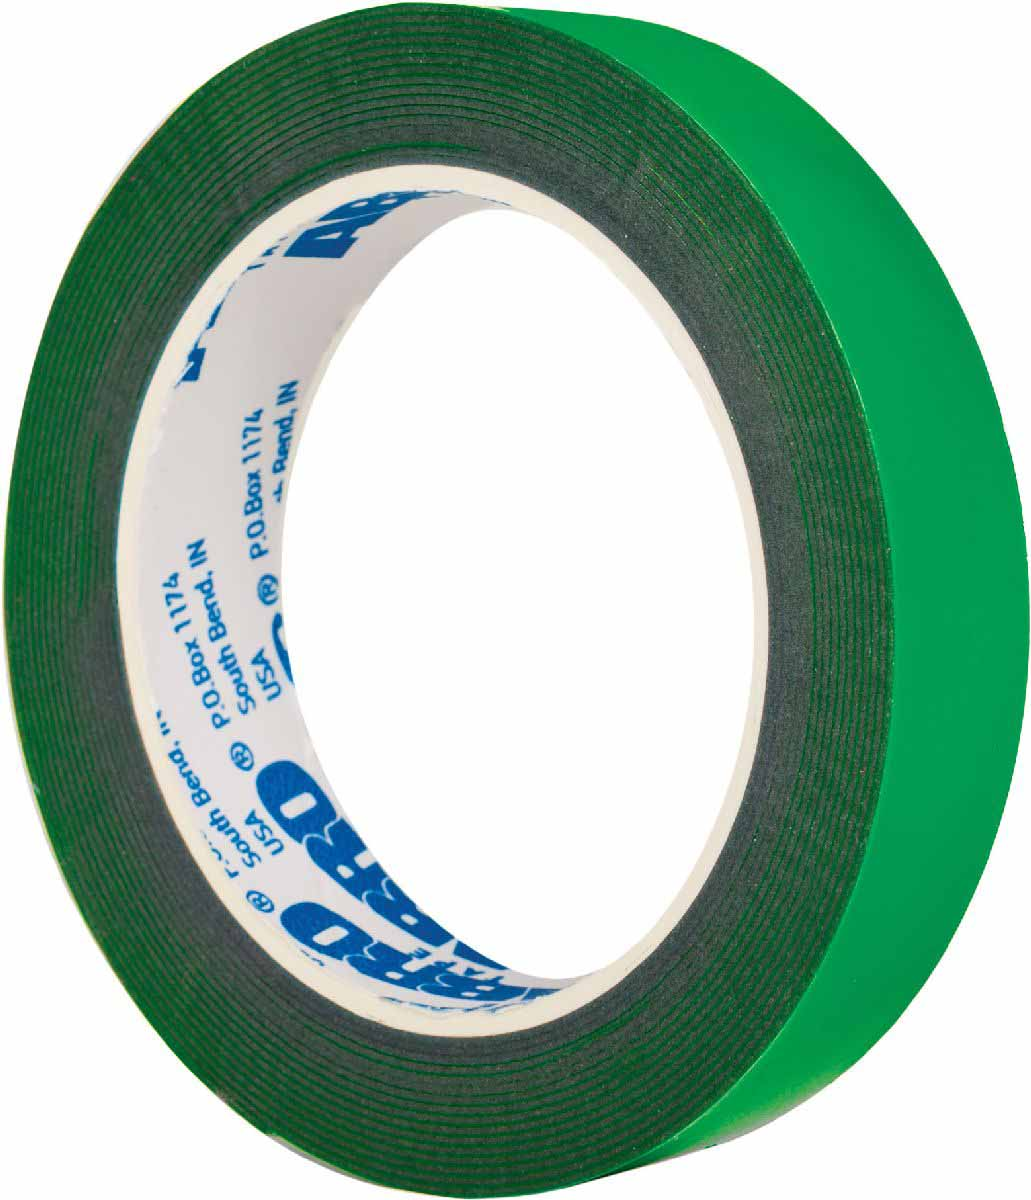 Лента клейкая двухсторонняя Abro Masters, цвет: зеленый, 12 мм х 5 мPANTERA SPX-2RSДвусторонняя лента АBRO состоит из 2-х клеевых слоев, несущей основы из пеноматериала и защитного слоя. Основа из вспененного материала придает ленте способность принимать форму поверхности, заполняя ее неровности, и делает ленту идеальным средством для соединения материалов с шероховатыми и неровными поверхностями. Клеевые соединения, полученные с помощью этих лент, обладают шумоизоляционными и демпфирующими свойствами, отлично противостоят вибрационным и ударным нагрузкам.Особенности:— более толстый слой позволяет использовать на неровных и шероховатых поверхностях;— обладает повышенной мягкостью и гибкостью (по сравнению с аналогами).Применение:Строительные работы:— крепление плинтусов;— крепление пластиковых бордюров.Монтажные работы:— монтаж металлических и пластиковых конструкций;— изготовление рекламных материалов, декораций.Ремонт автомобилей:— монтаж зеркал;— монтаж функциональных накладок, молдингов.В быту:— упаковка подарков;— монтаж мебельных зеркал;— крепление небольших предметов (крючки, рамки, плакаты и т. д.).